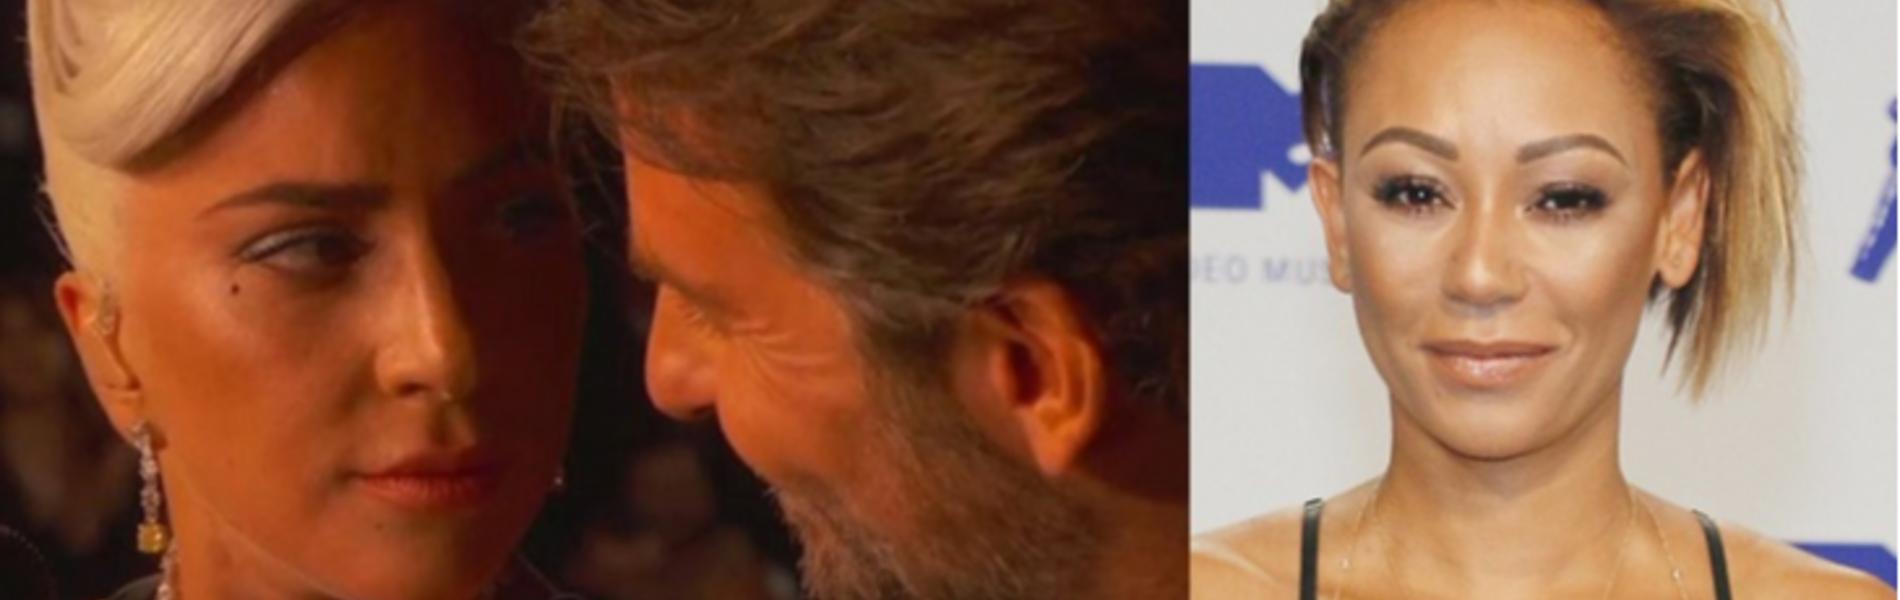 """מל בי עוקצת את ליידי גאגא: """"הפרת את הקוד הנשי"""""""